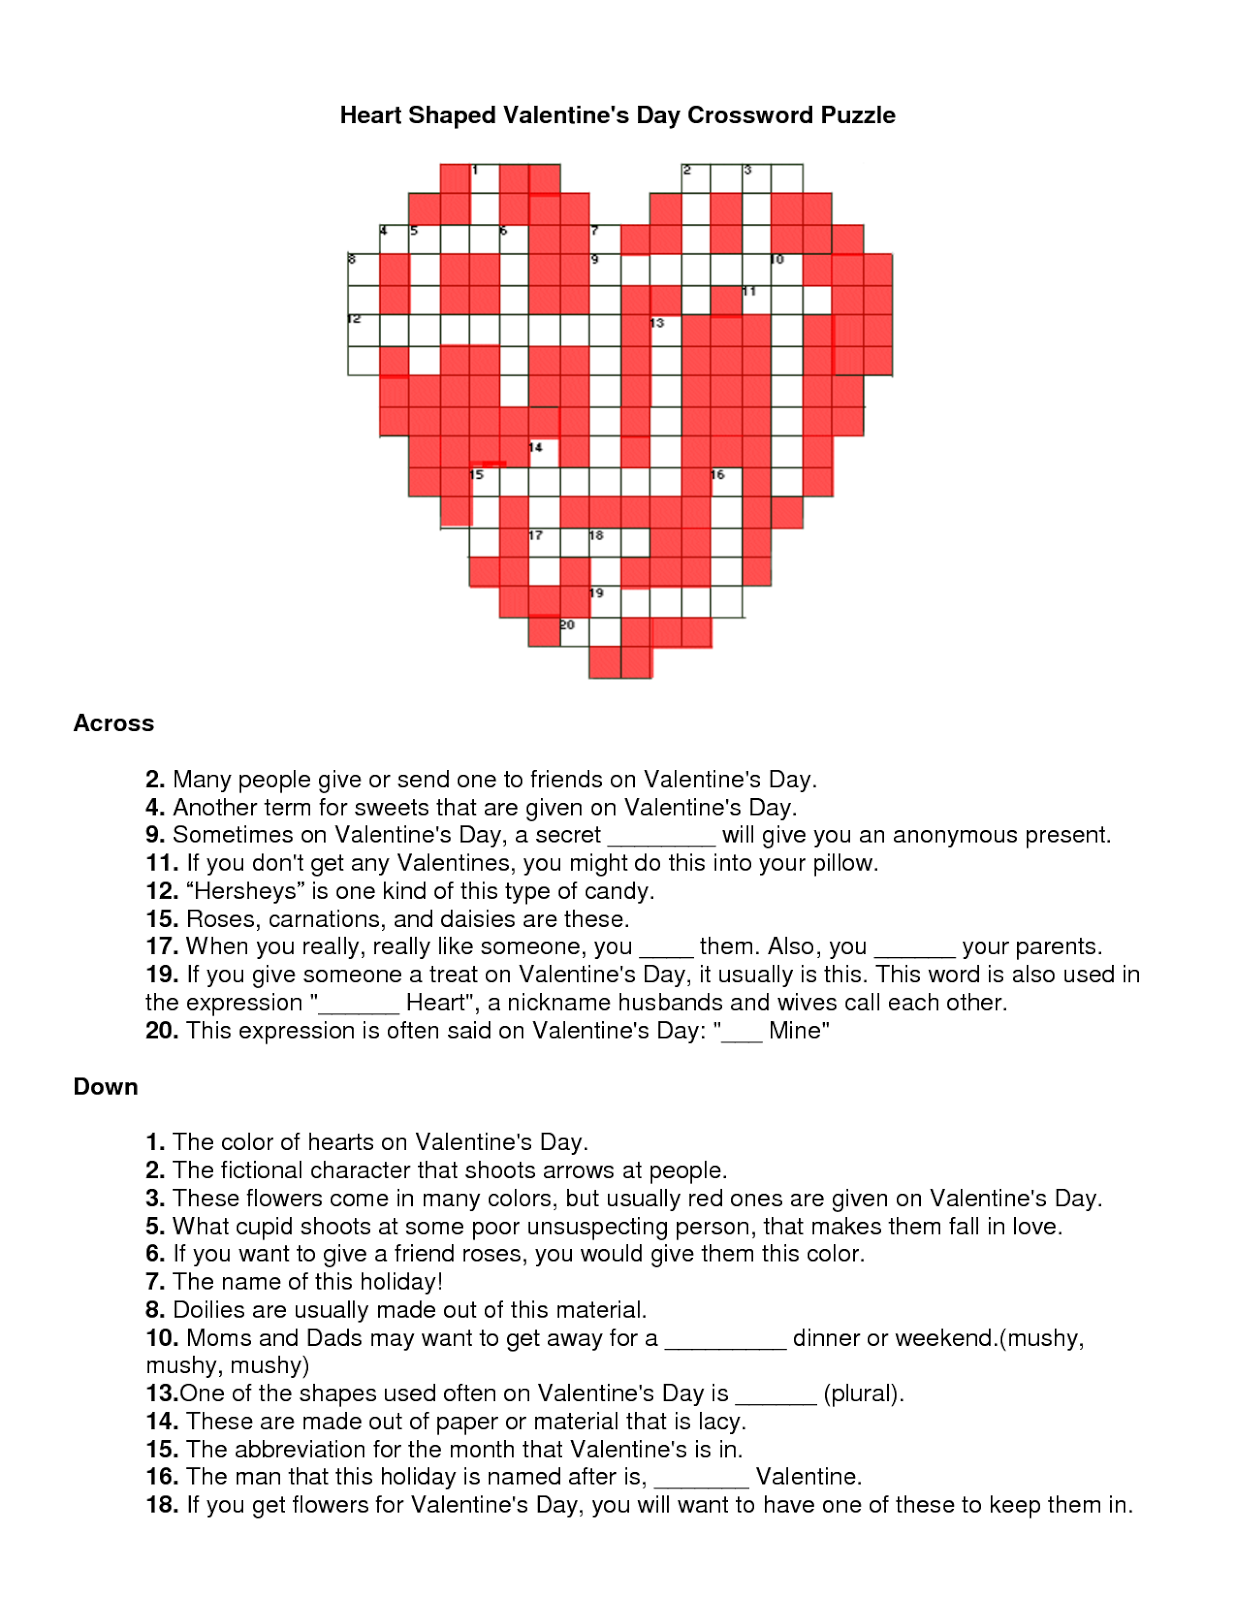 Free Printable Valentine's Day Crossword Puzzles